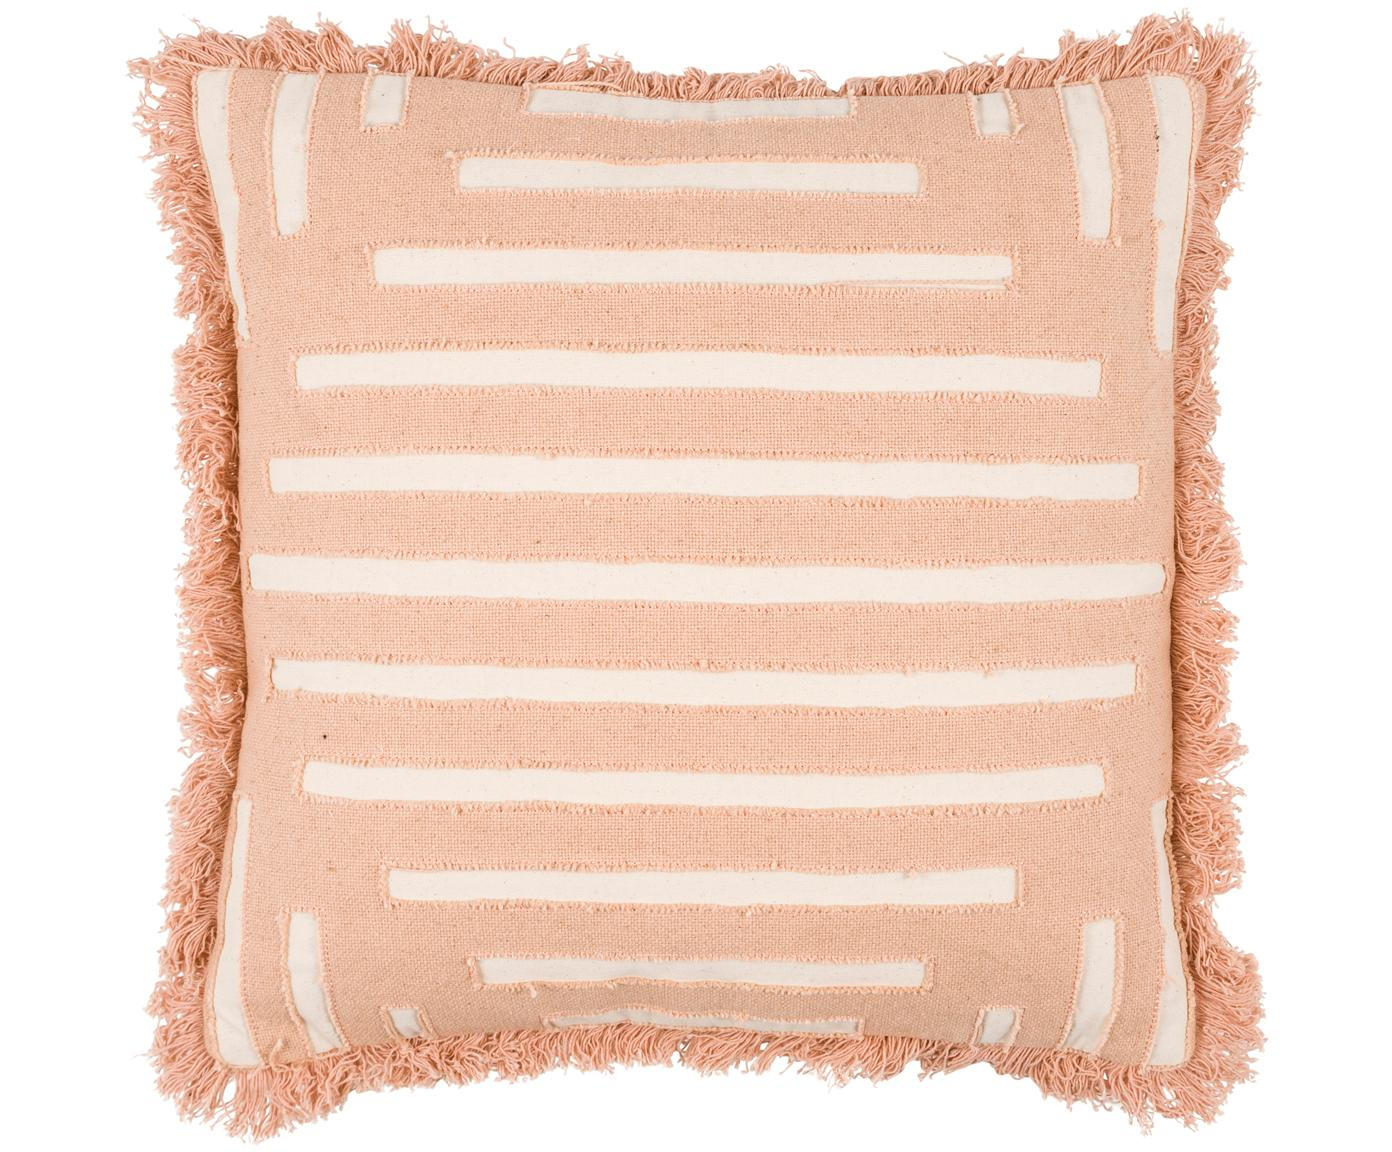 Kissen Ayana mit Fransen, mit Inlett, Bezug: 100% Baumwolle, Terrakotta, Creme, 45 x 45 cm